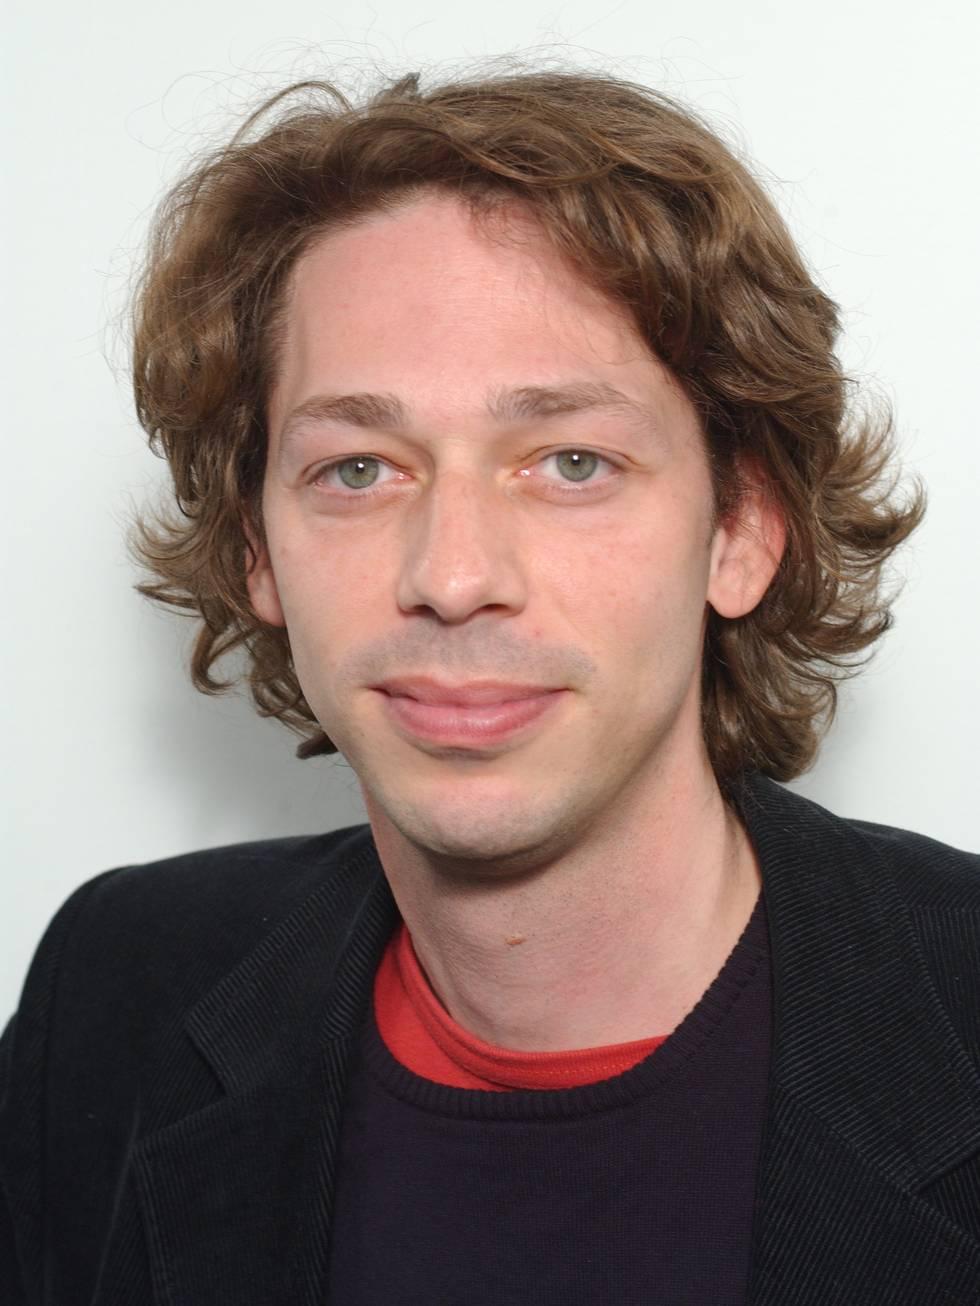 Mariano Snider